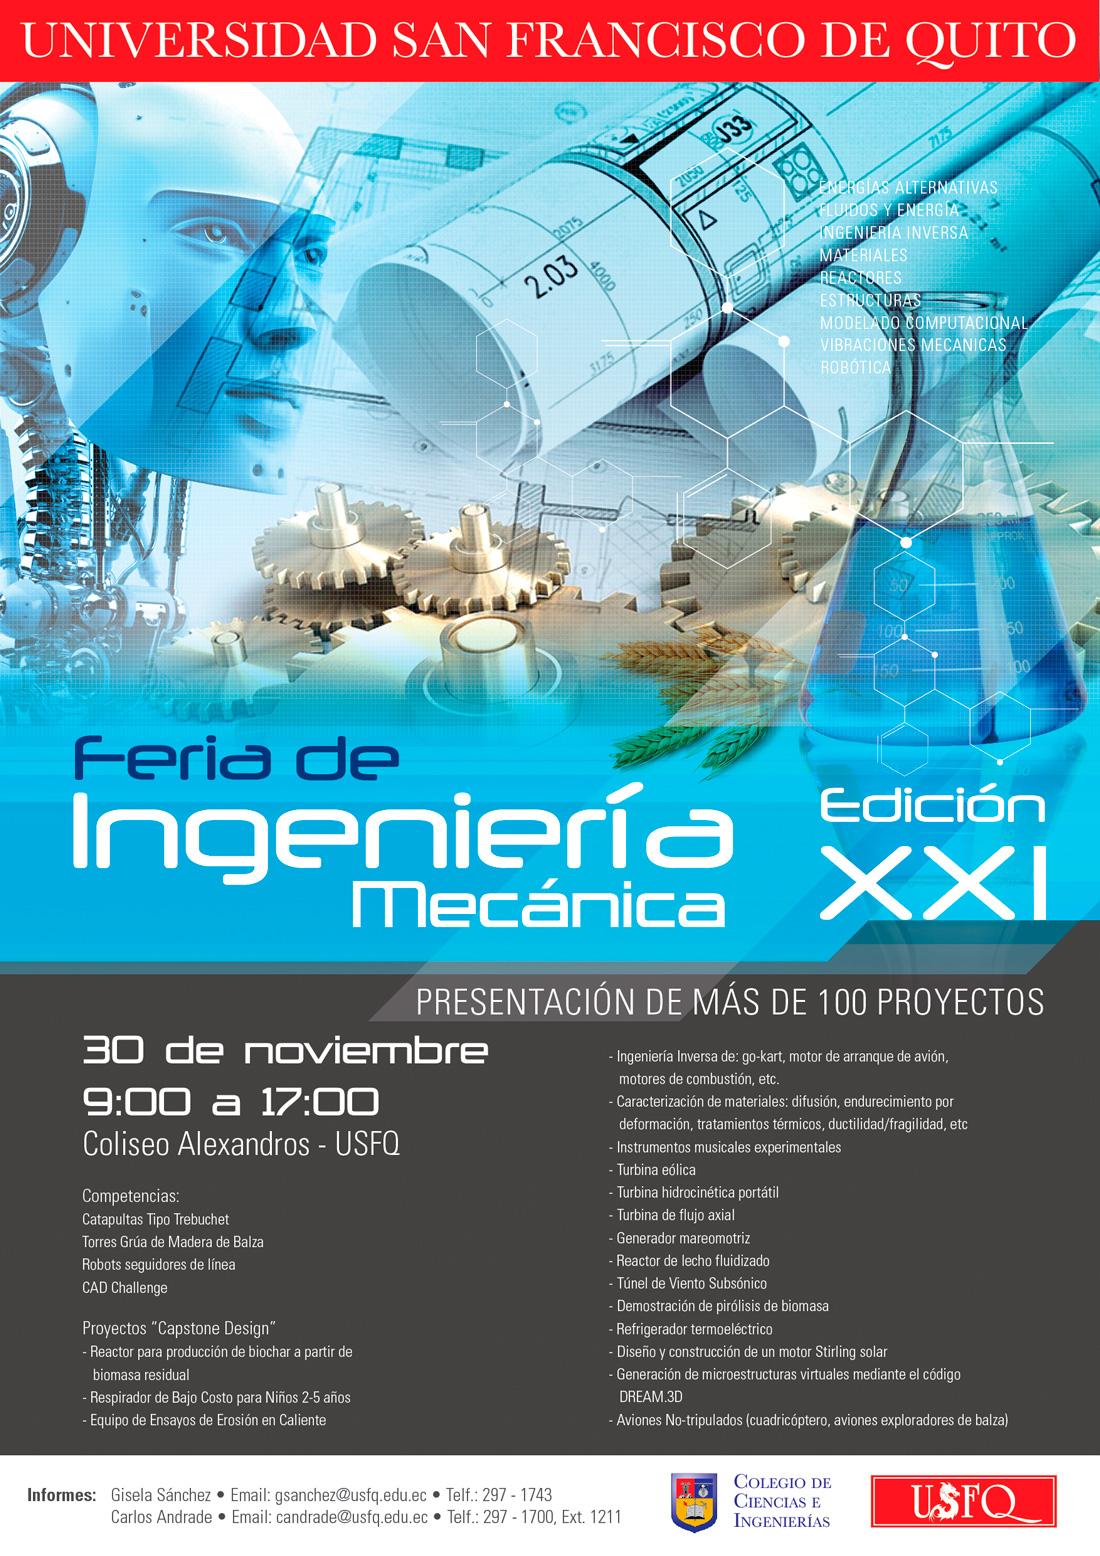 Feria de Ingeniería Mecánica - Edición XXI